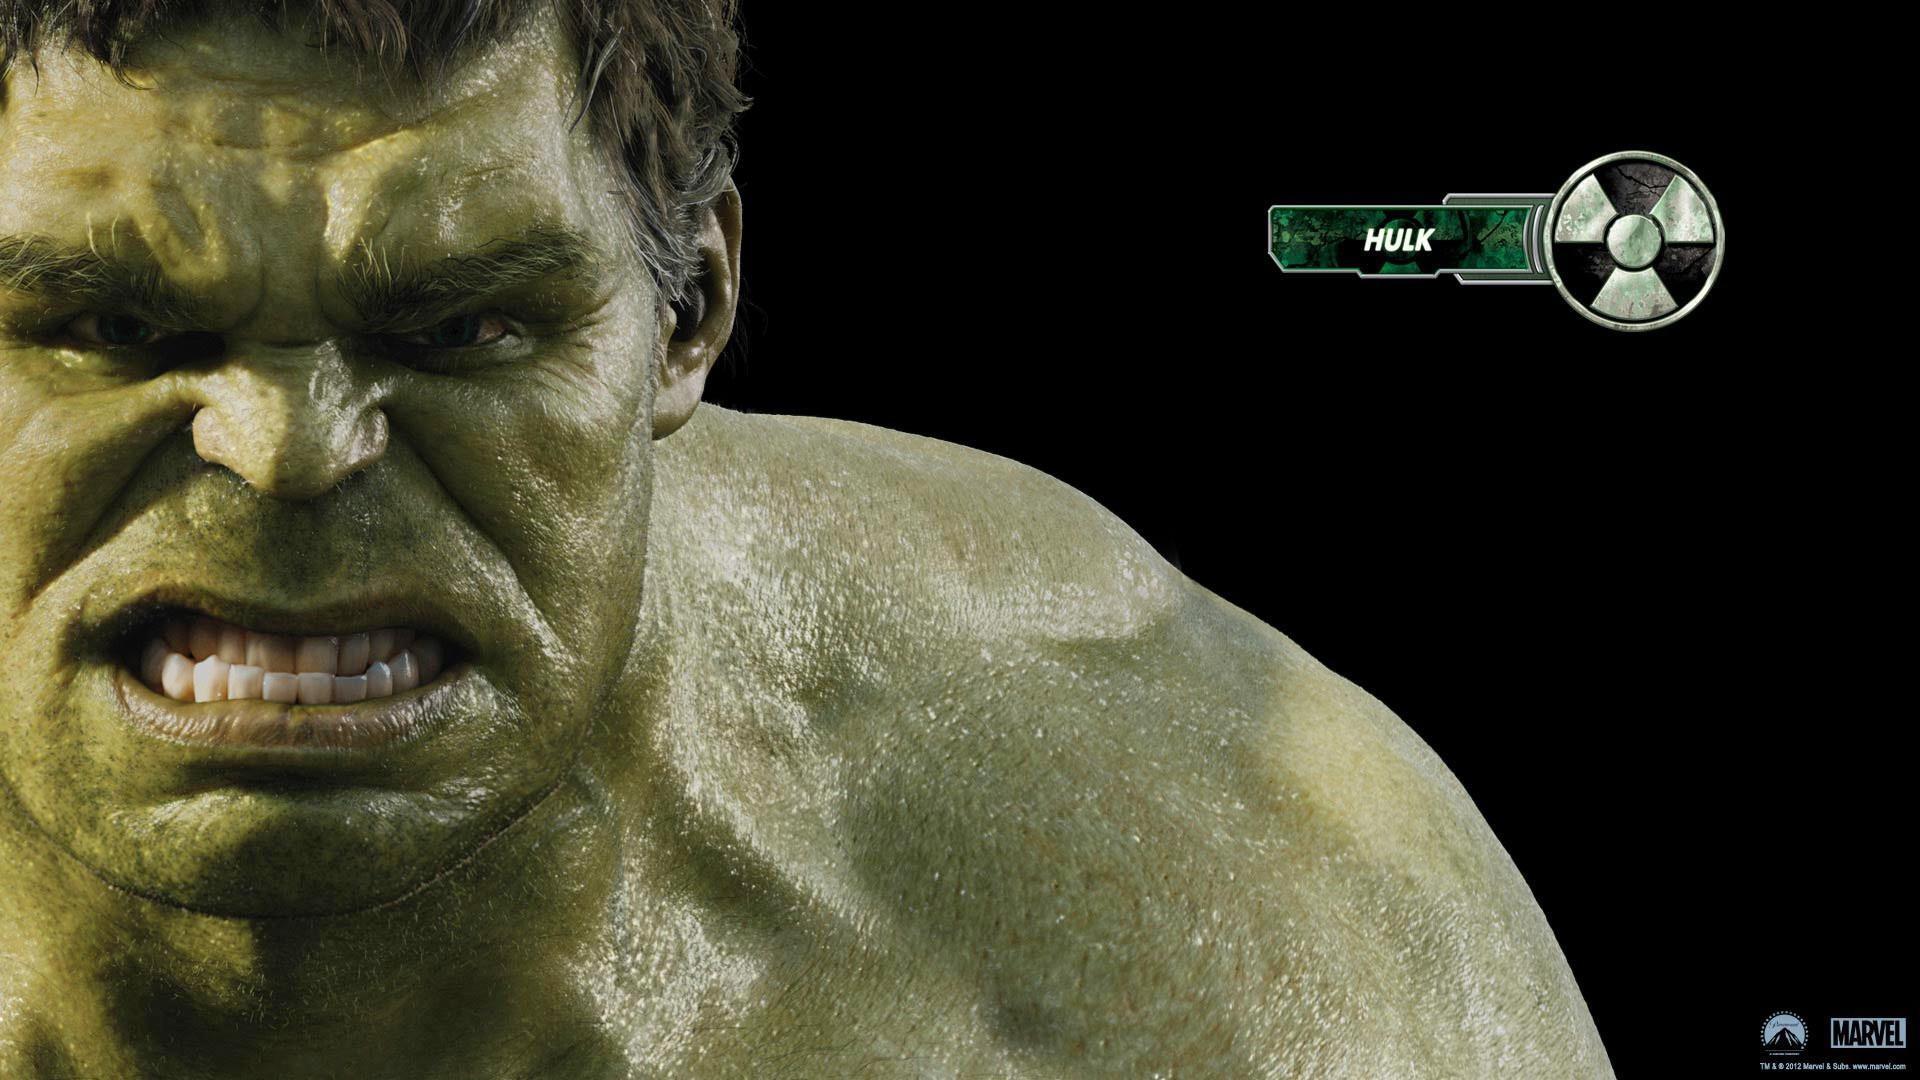 Res: 1920x1080, 5. the-hulk-wallpaper-HD6-600x338